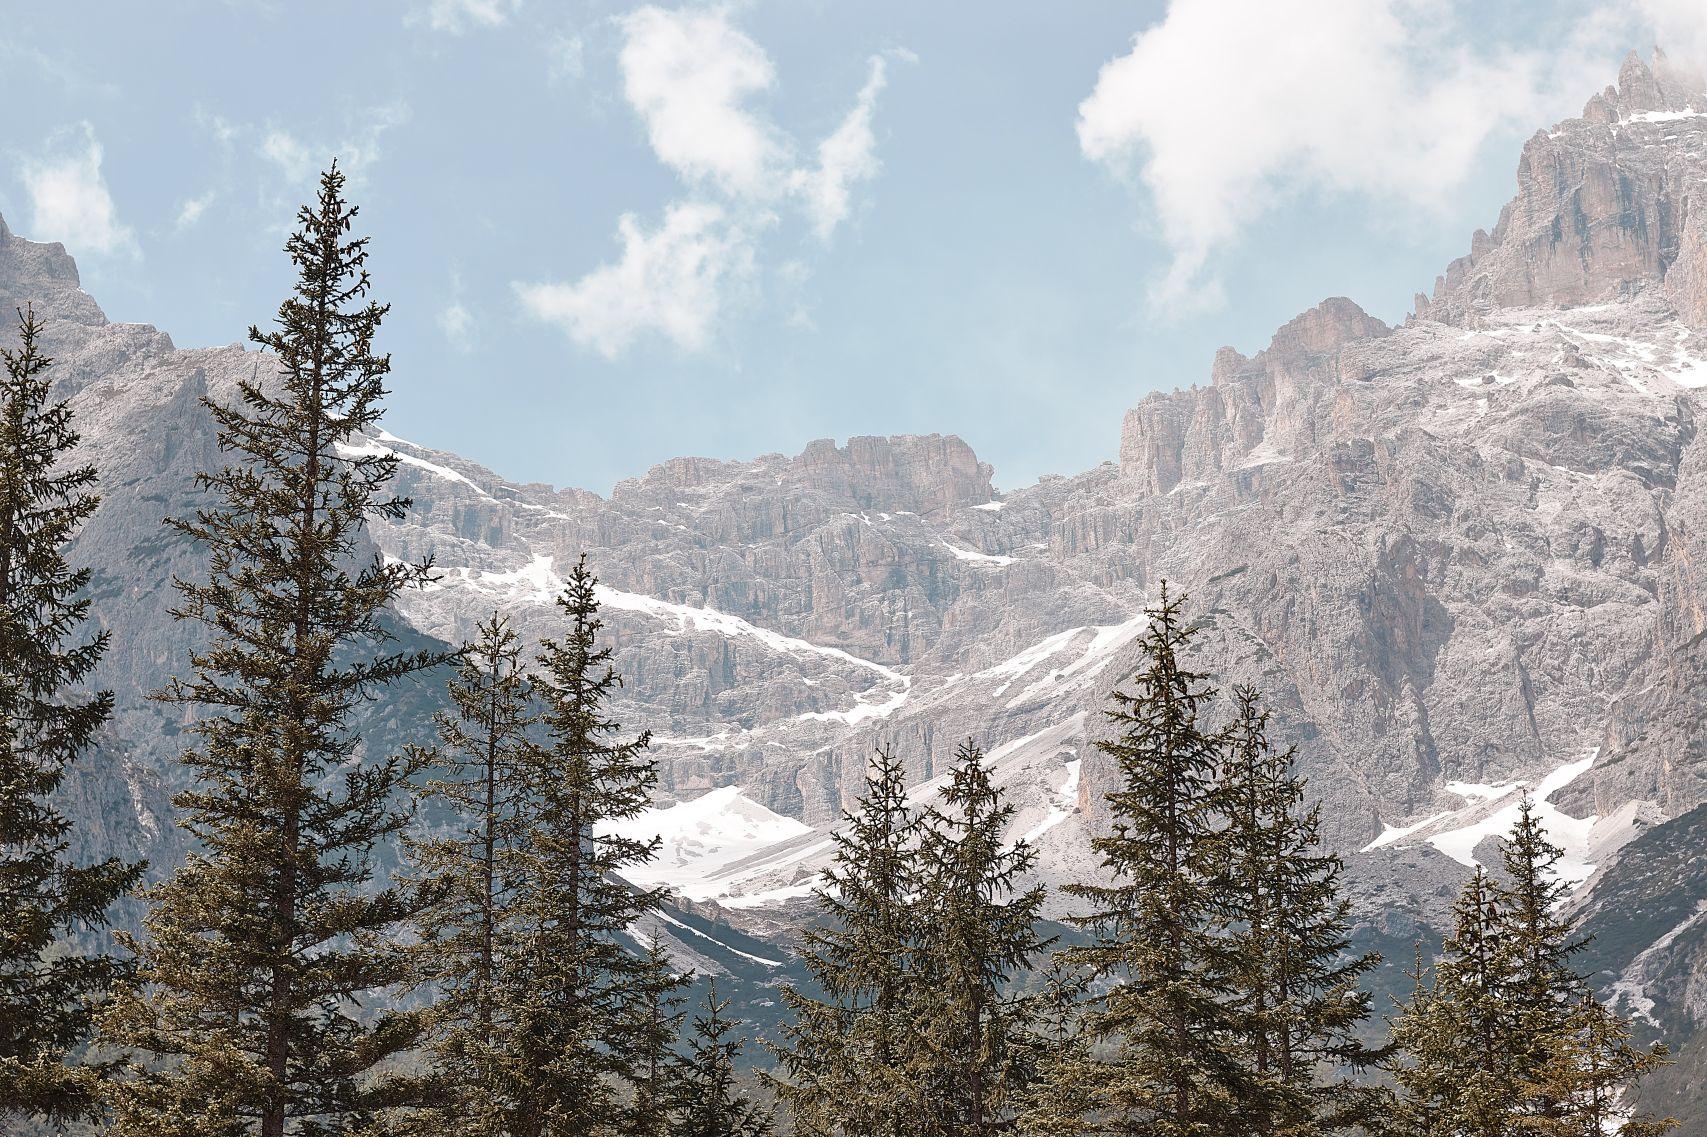 Das Fischleintal als Ausflugsziel vom Bad Moos Dolomites Spa Resort in Sexten